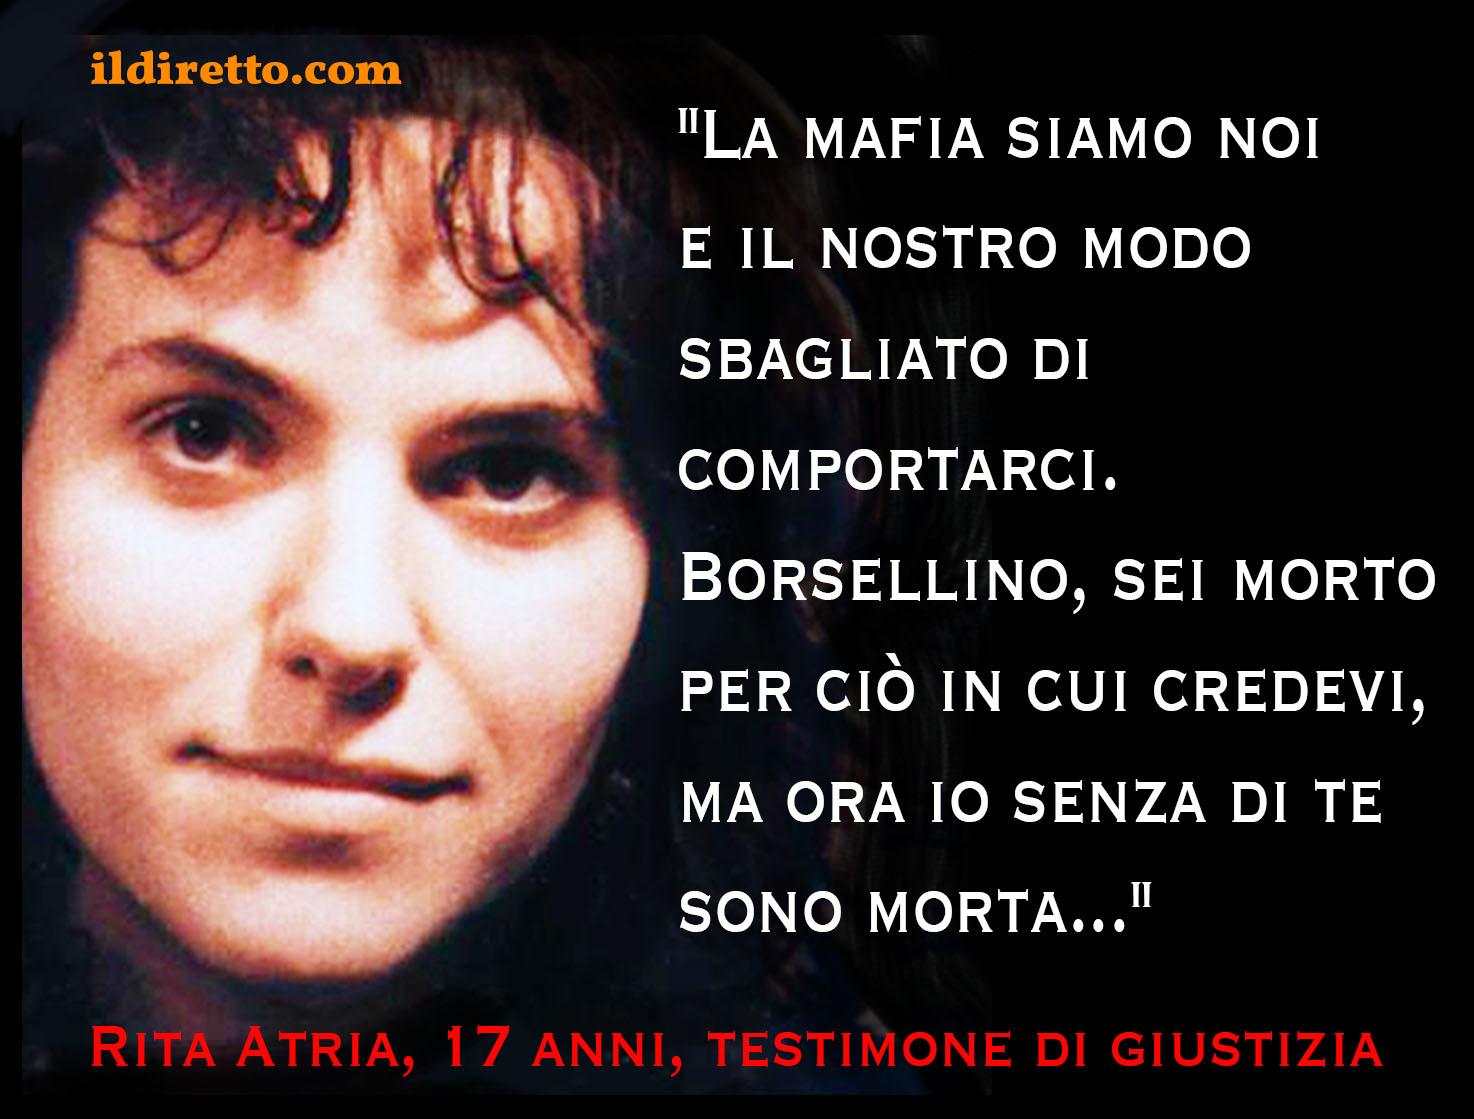 Rita Atria 3